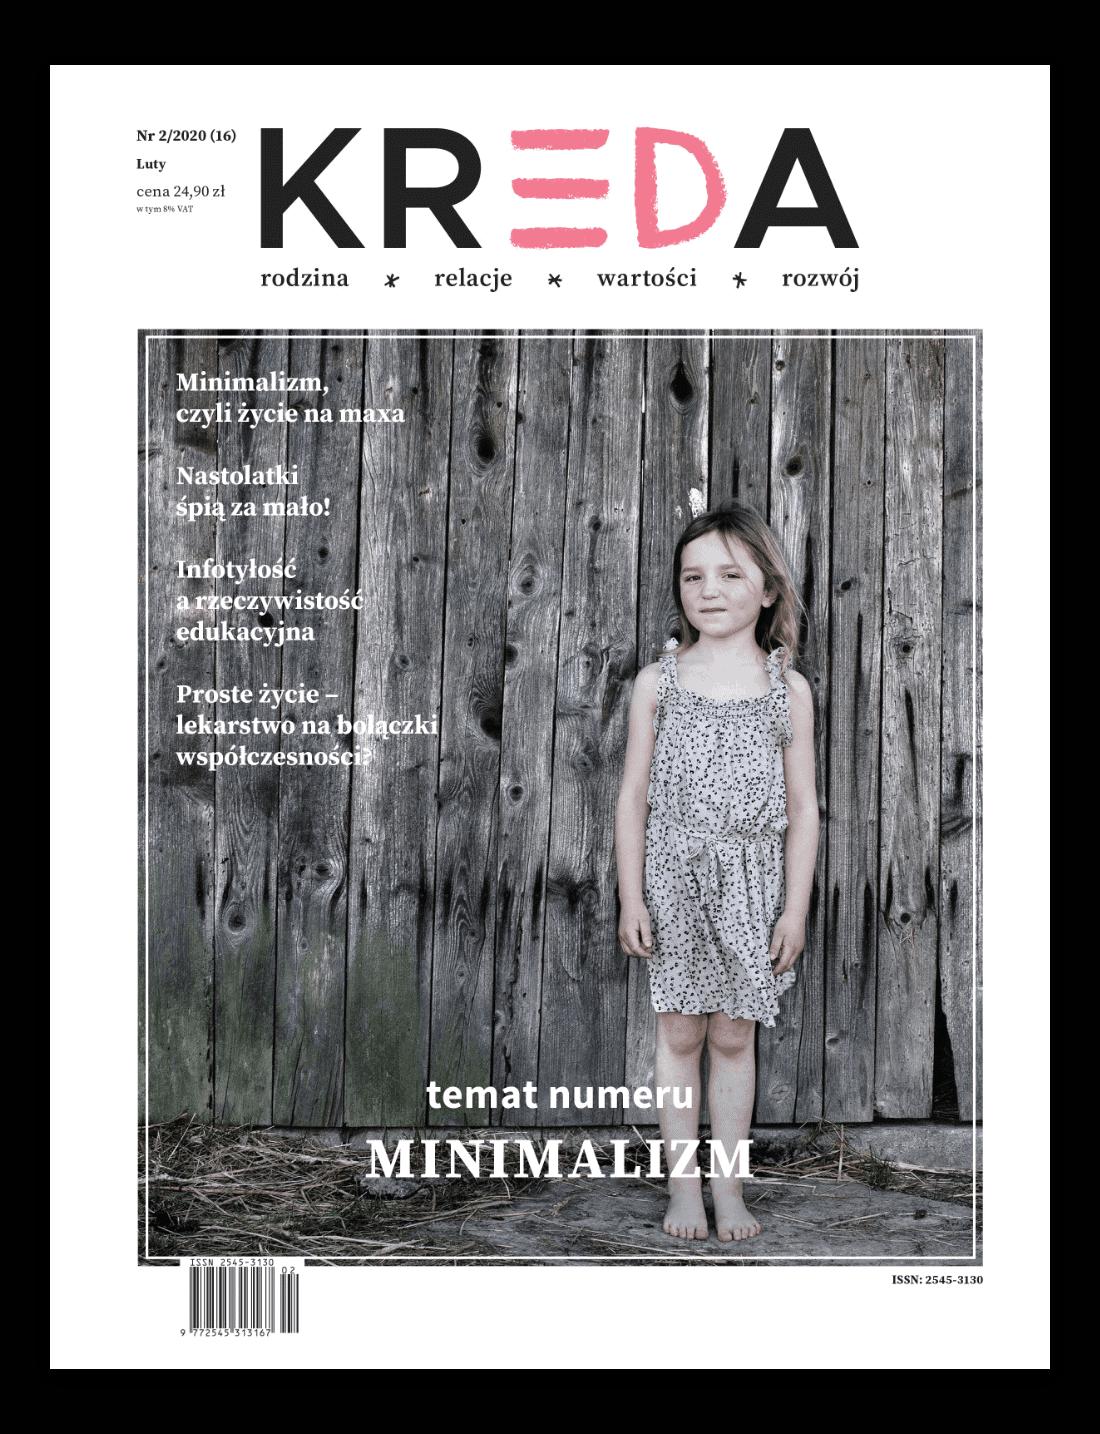 kreda-16-minimalizm-okładka-1000